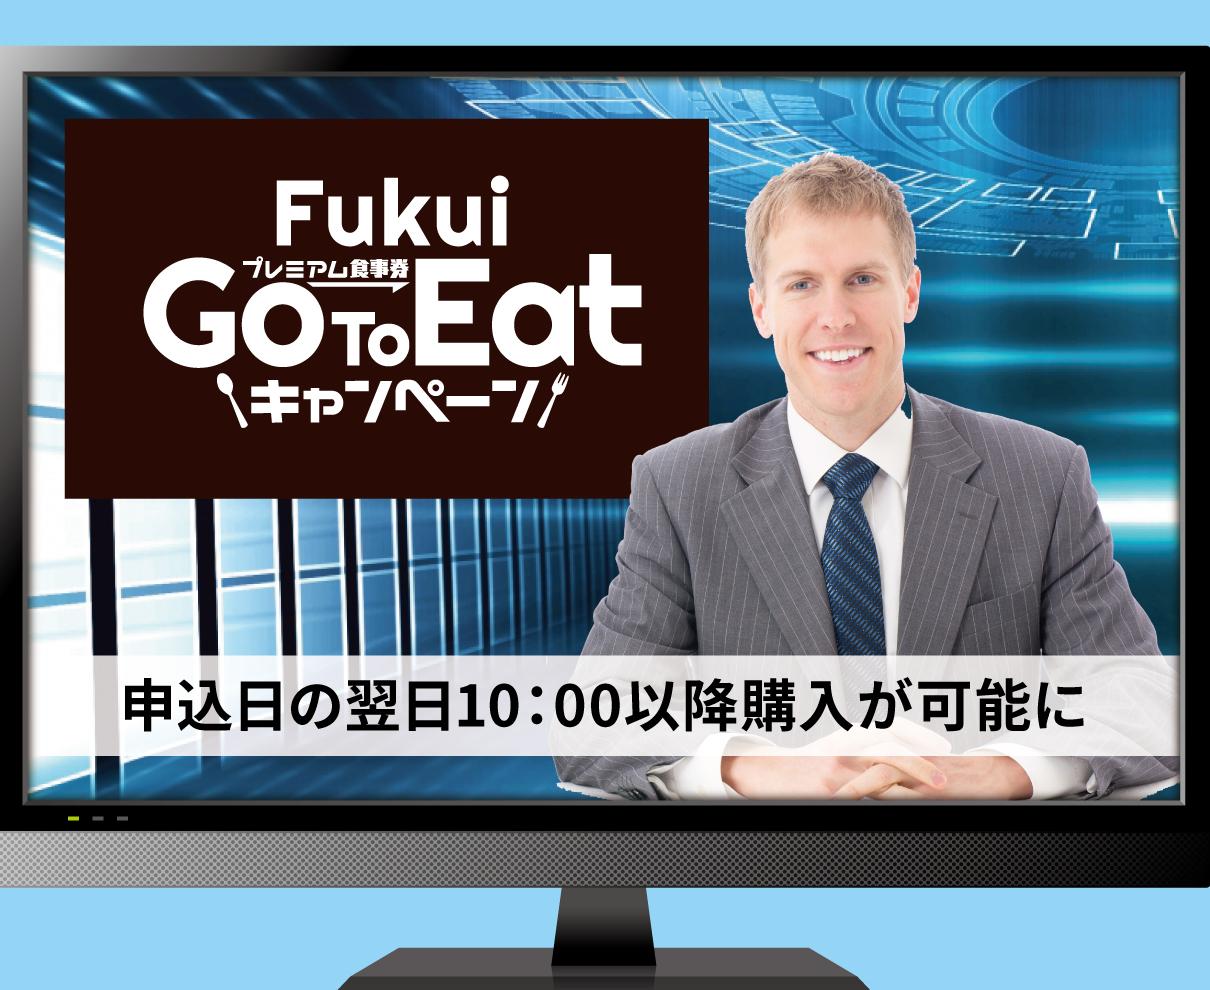 申込日の翌日に購入が可能に! より便利になった『福井県GoToEatキャンペーン』プレミアム食事券